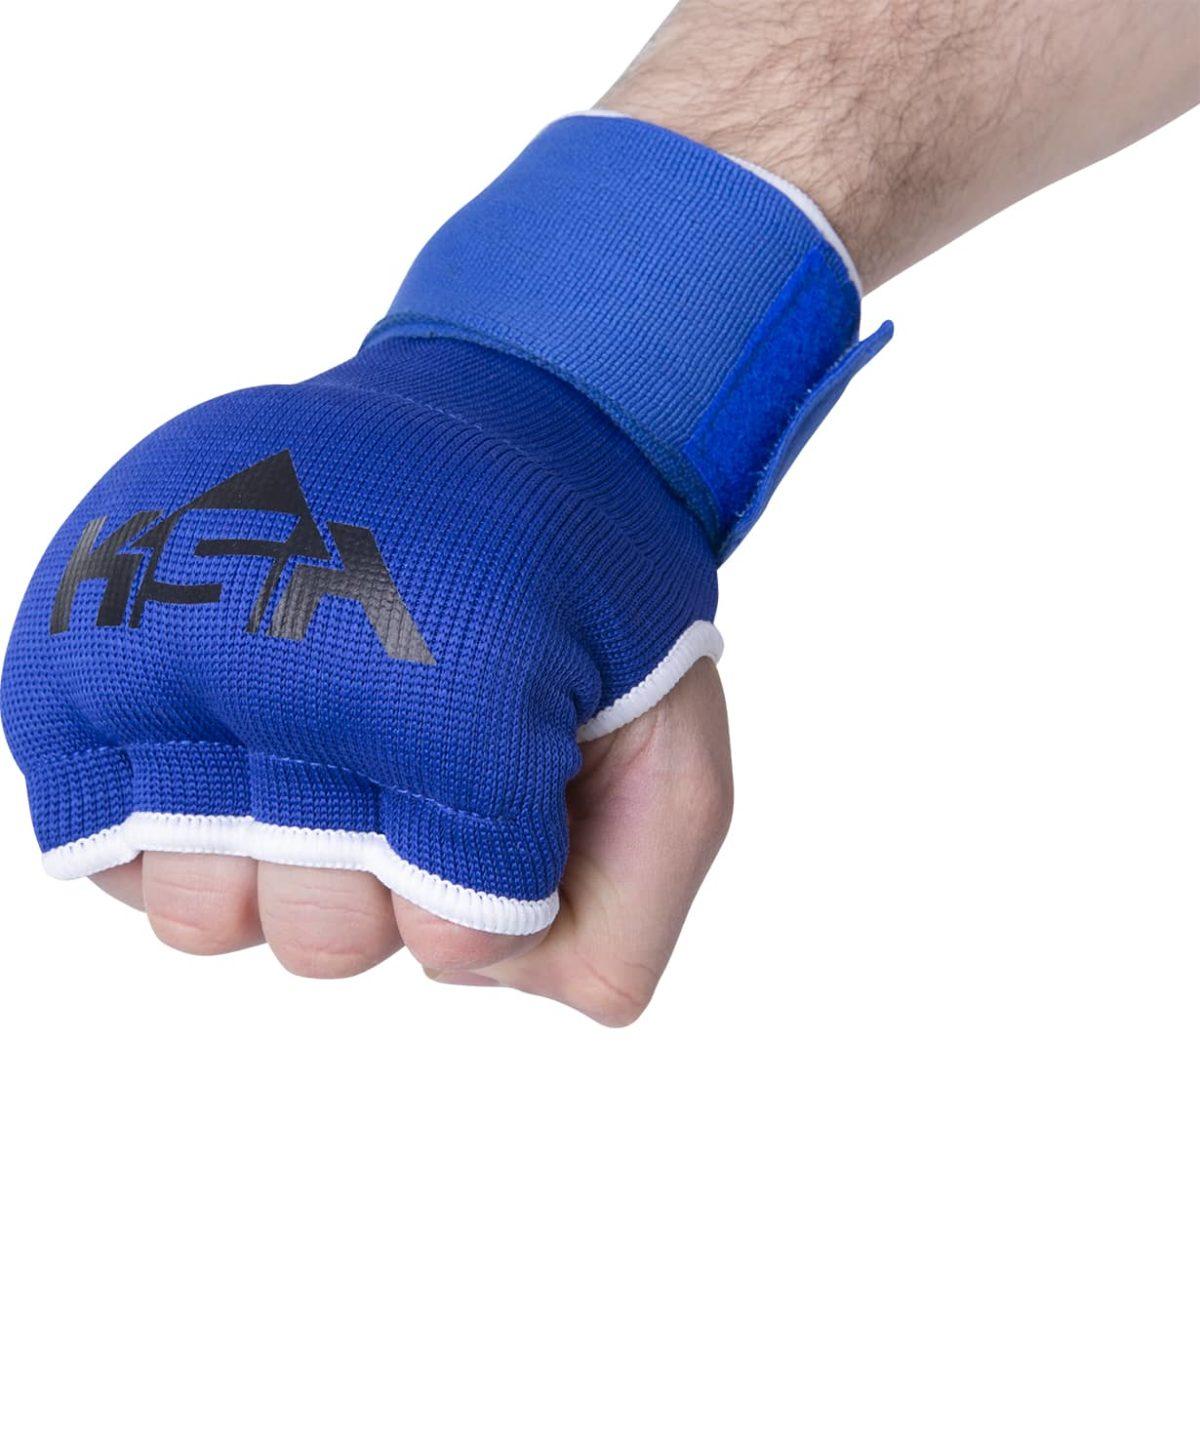 KSA Cobra Blue Перчатки внутренние для бокса 17902 - 3